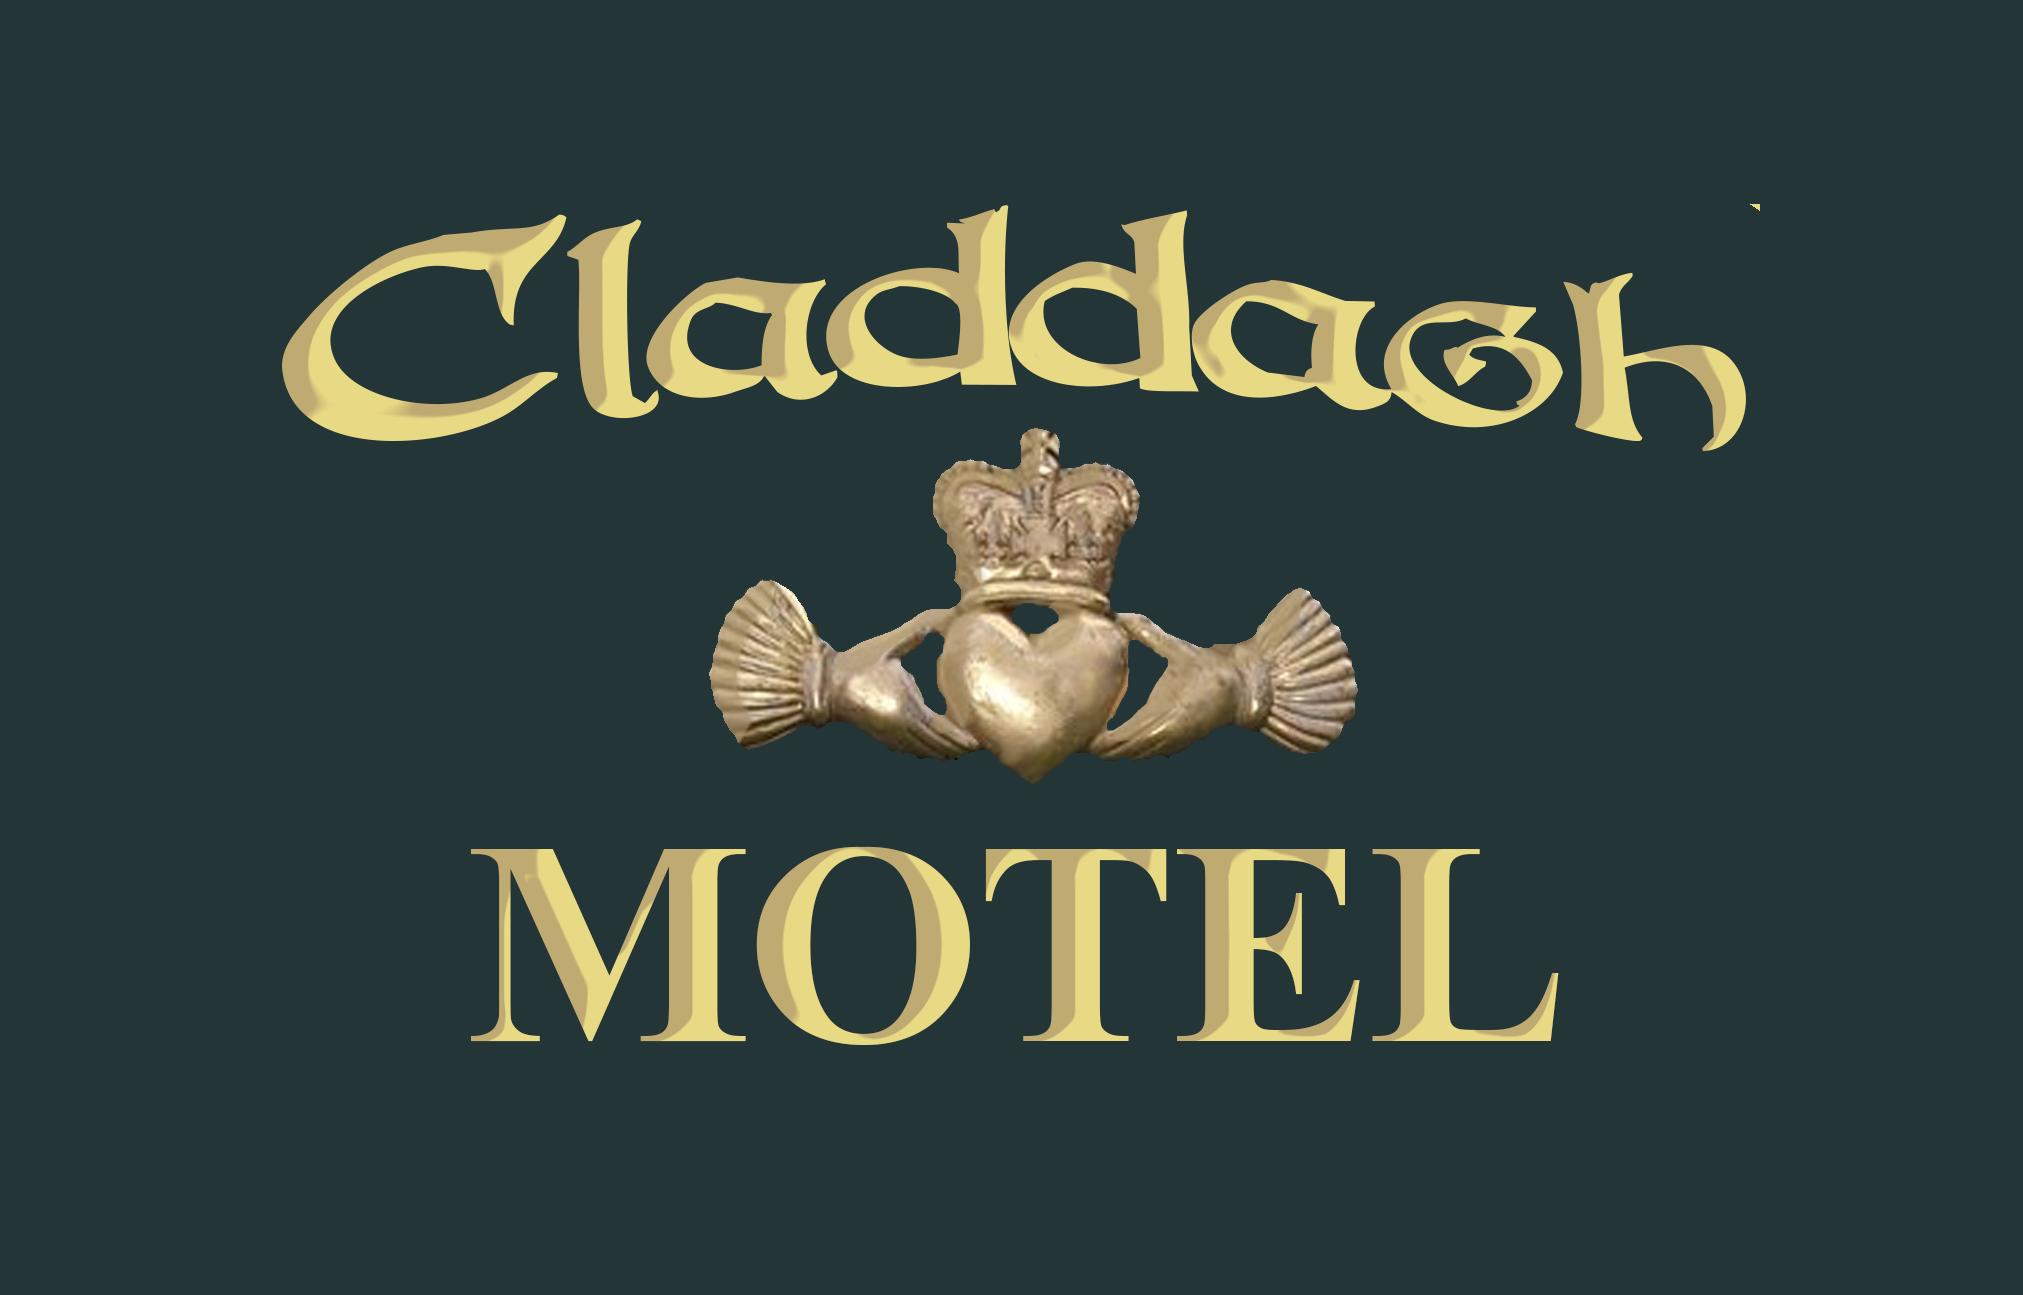 Claddagh Motel